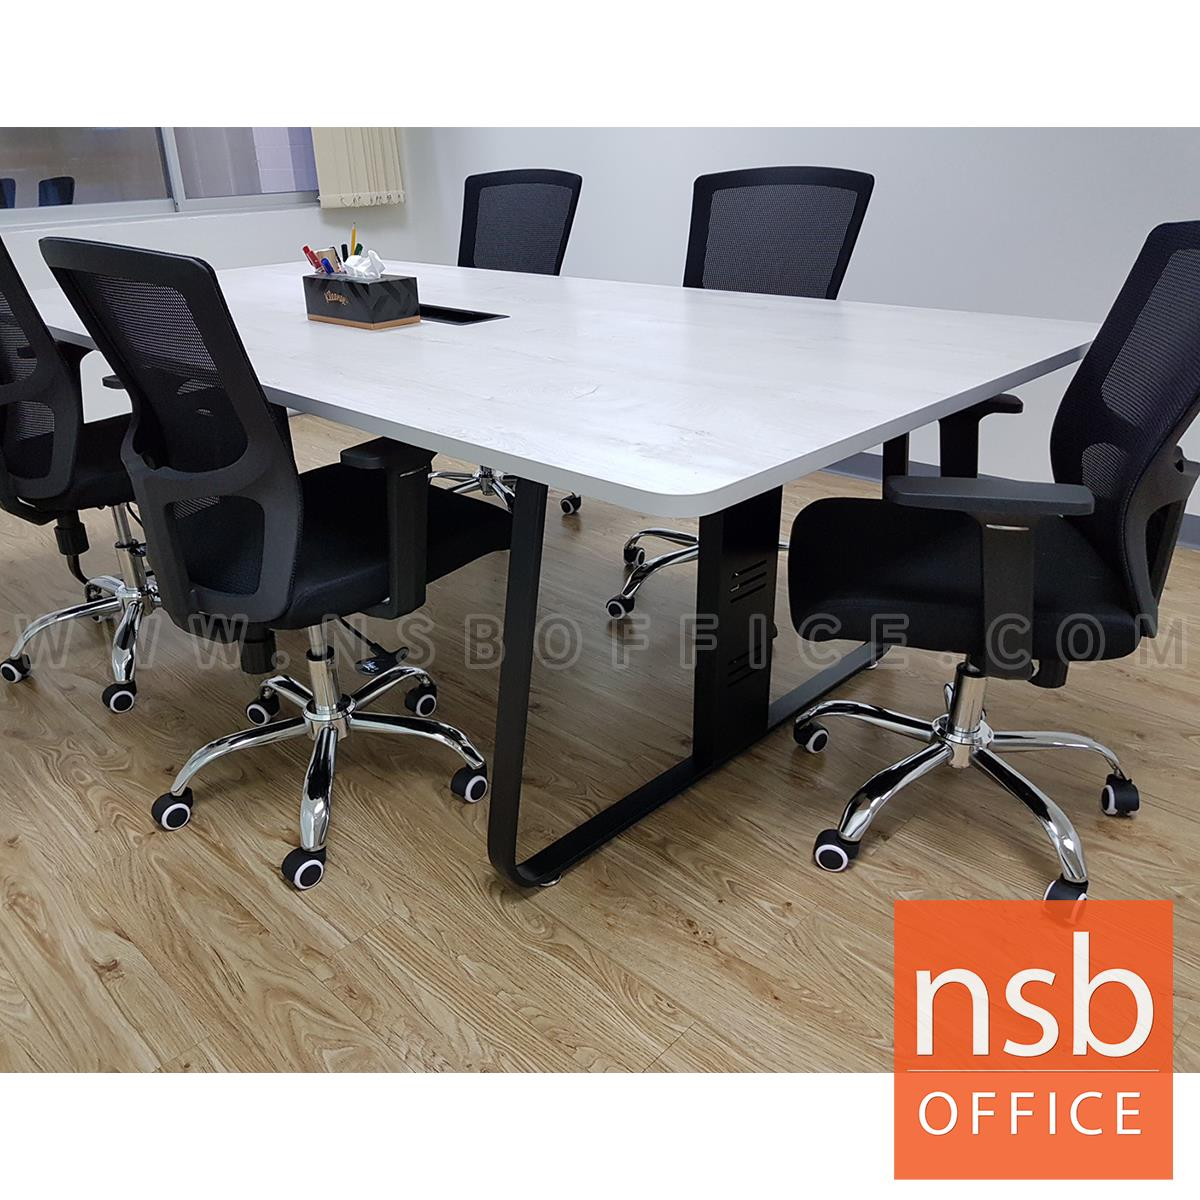 โต๊ะประชุมสี่เหลี่ยม รุ่น Thwaites (ทเวทส์) ขนาด 180W, 240W cm.  พร้อมรางไฟใต้โต๊ะ ขาเหล็กทรงแจกัน